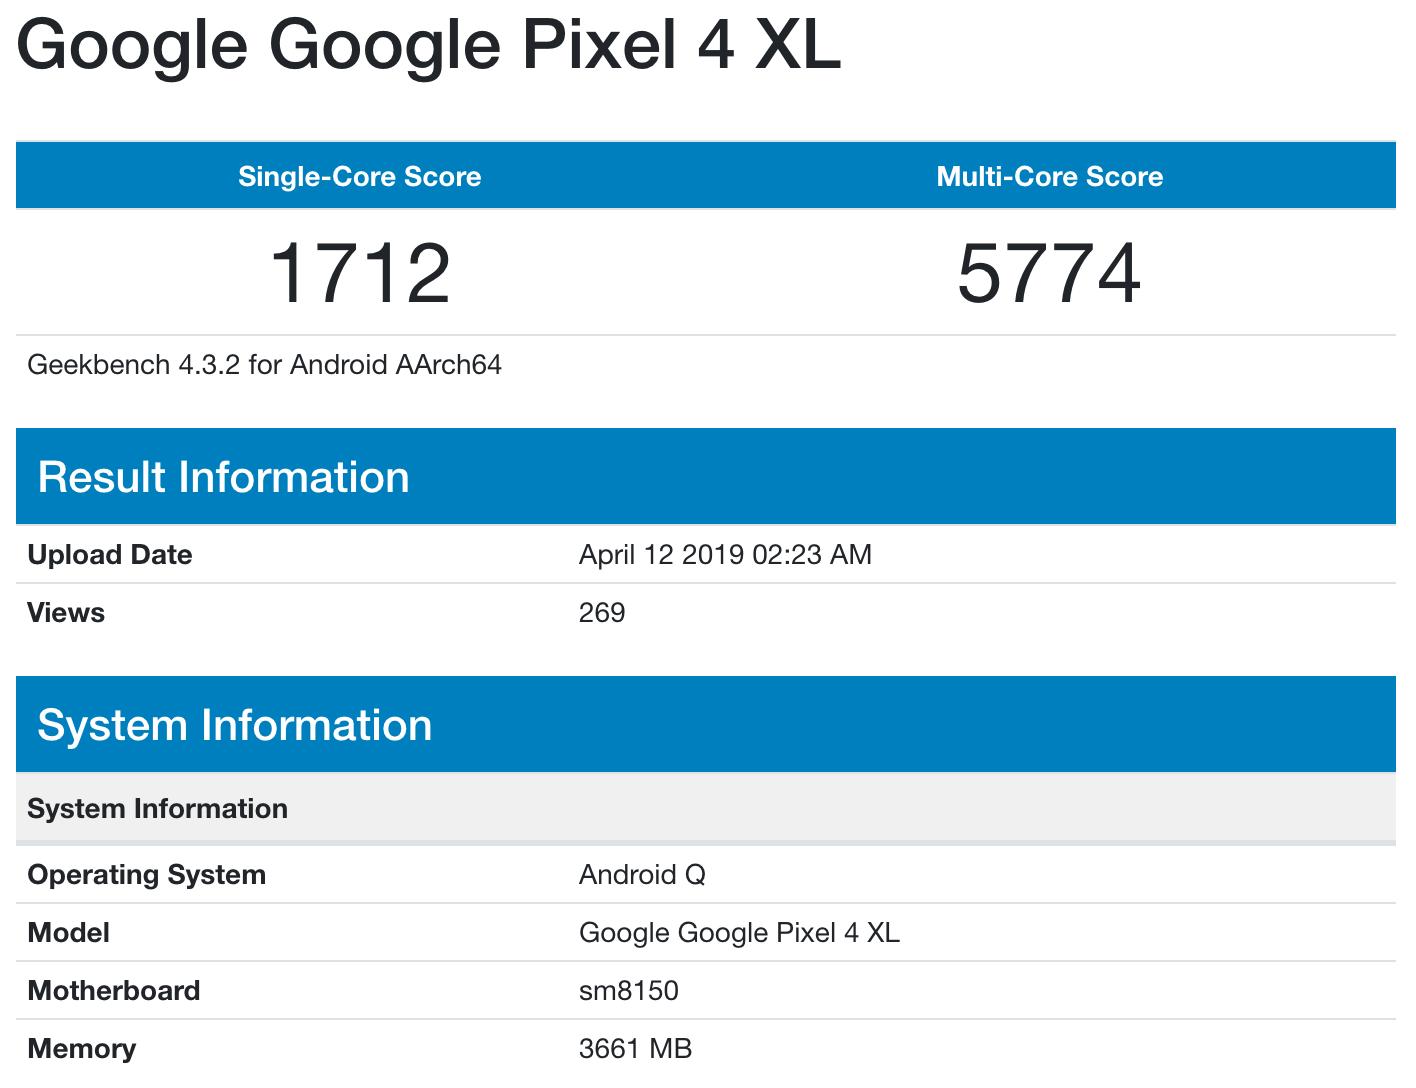 GooglePixel4 Bench 02